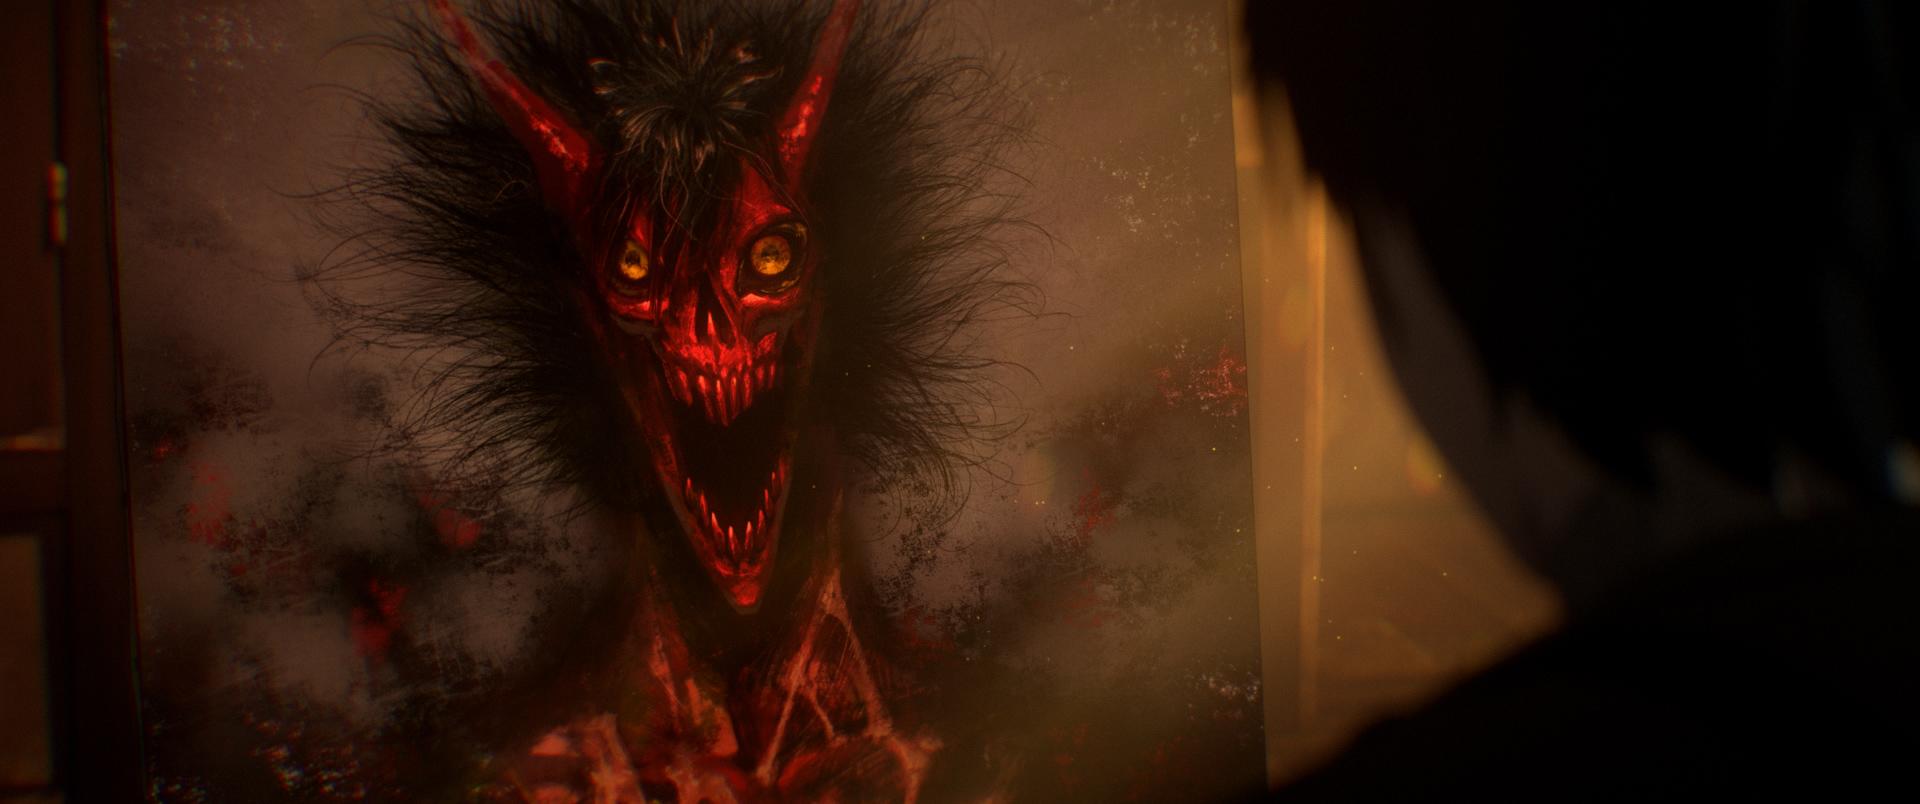 Эксклюзив: отрывок полнометражного аниме Human Lost 5